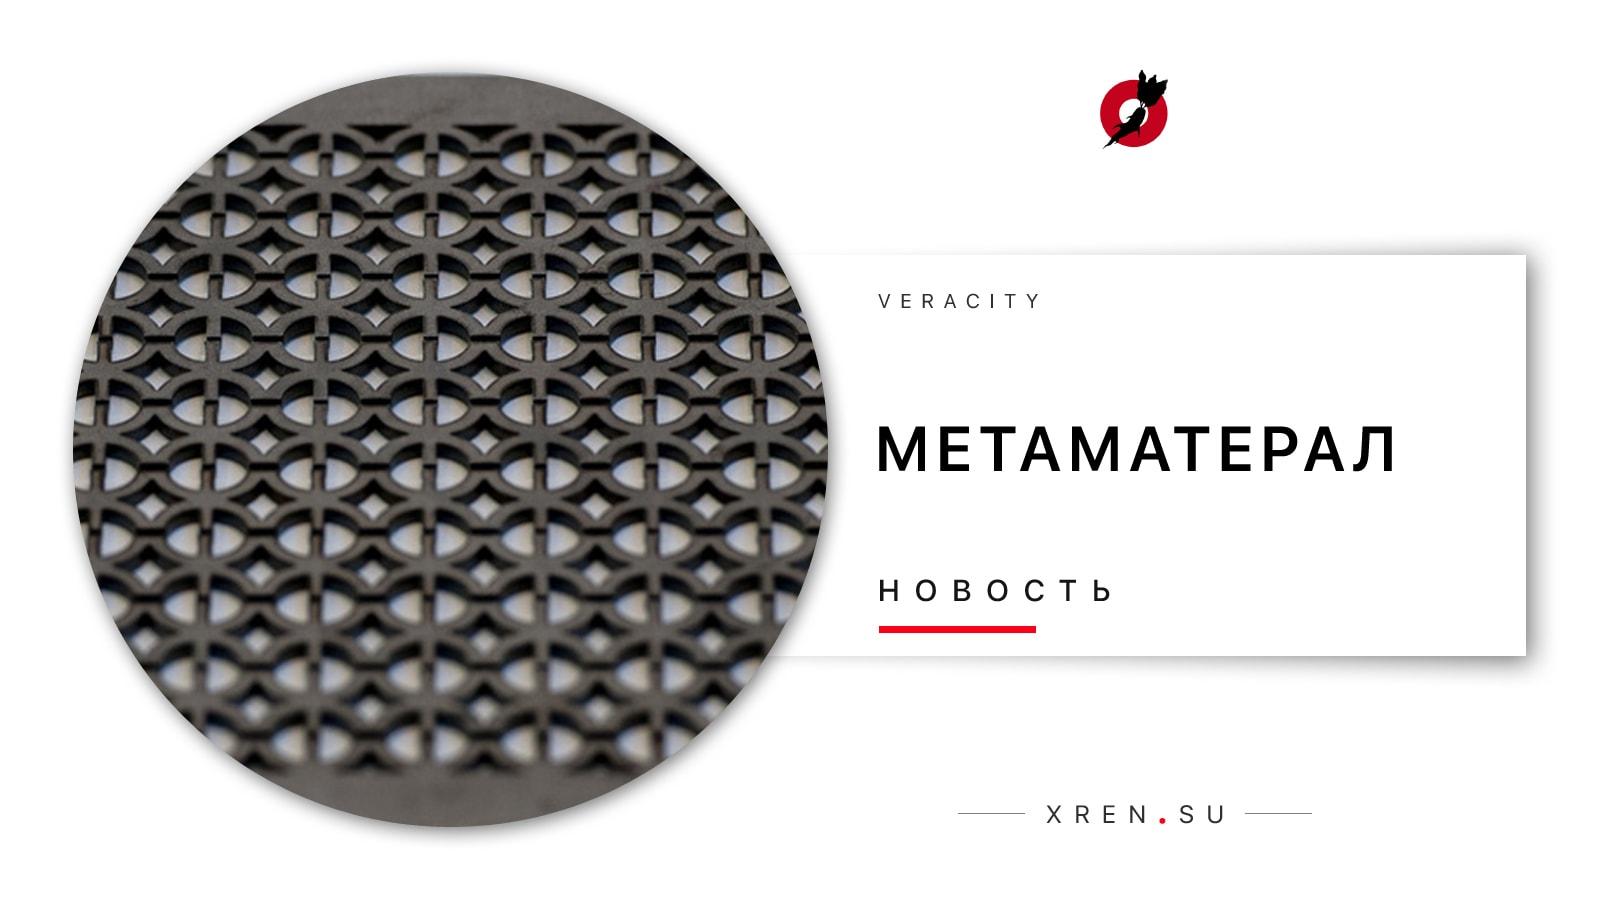 Метаматериал